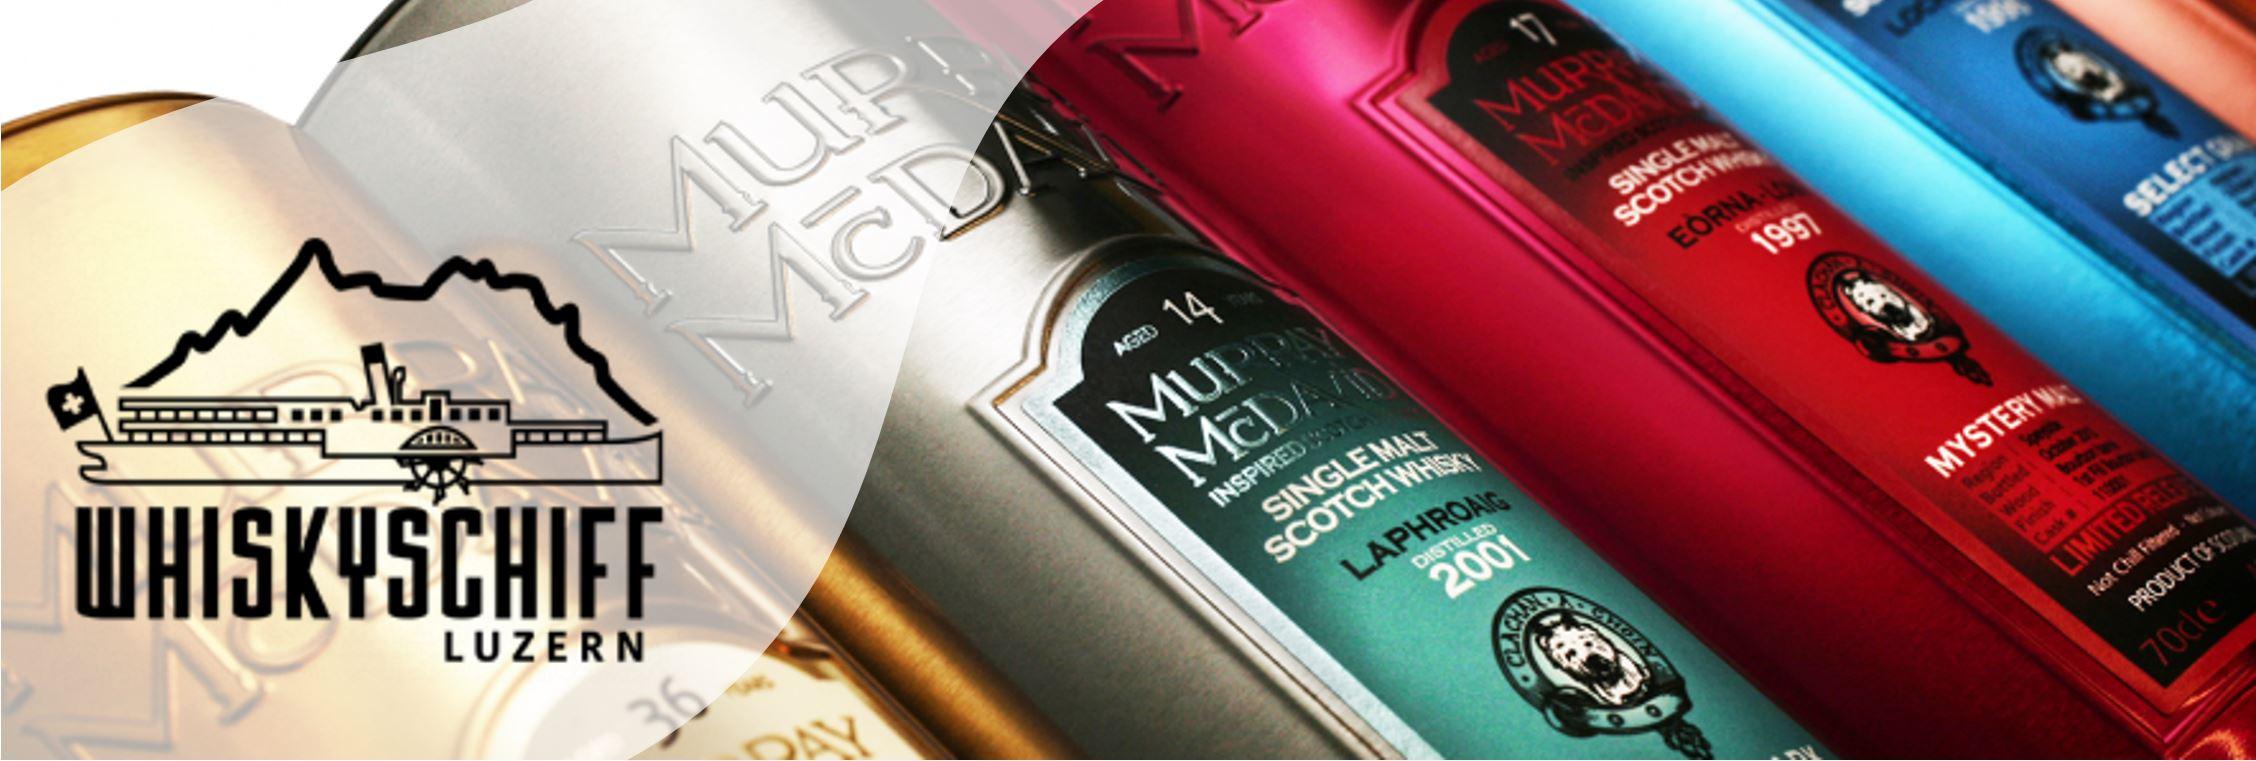 Whiskyschiff Luzern Murray McDavid Independent Bottler Glen Fahrn